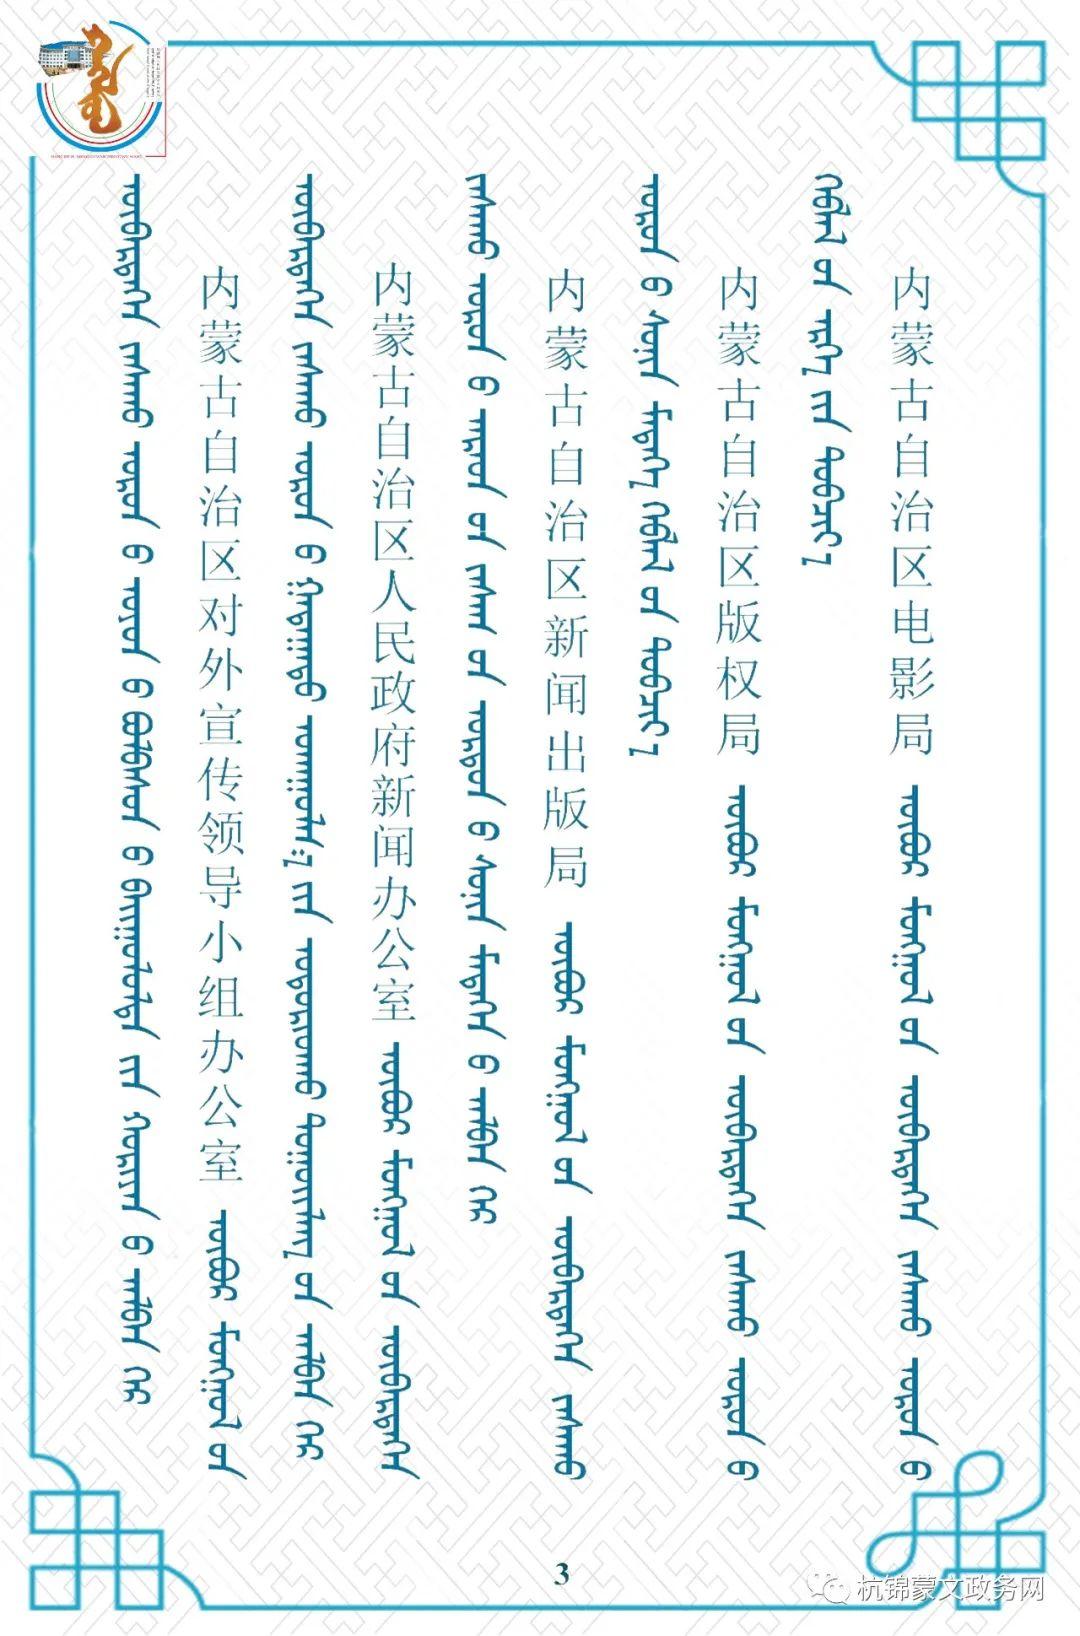 内蒙古自治区委员会机构设置蒙汉对照 第3张 内蒙古自治区委员会机构设置蒙汉对照 蒙古文库